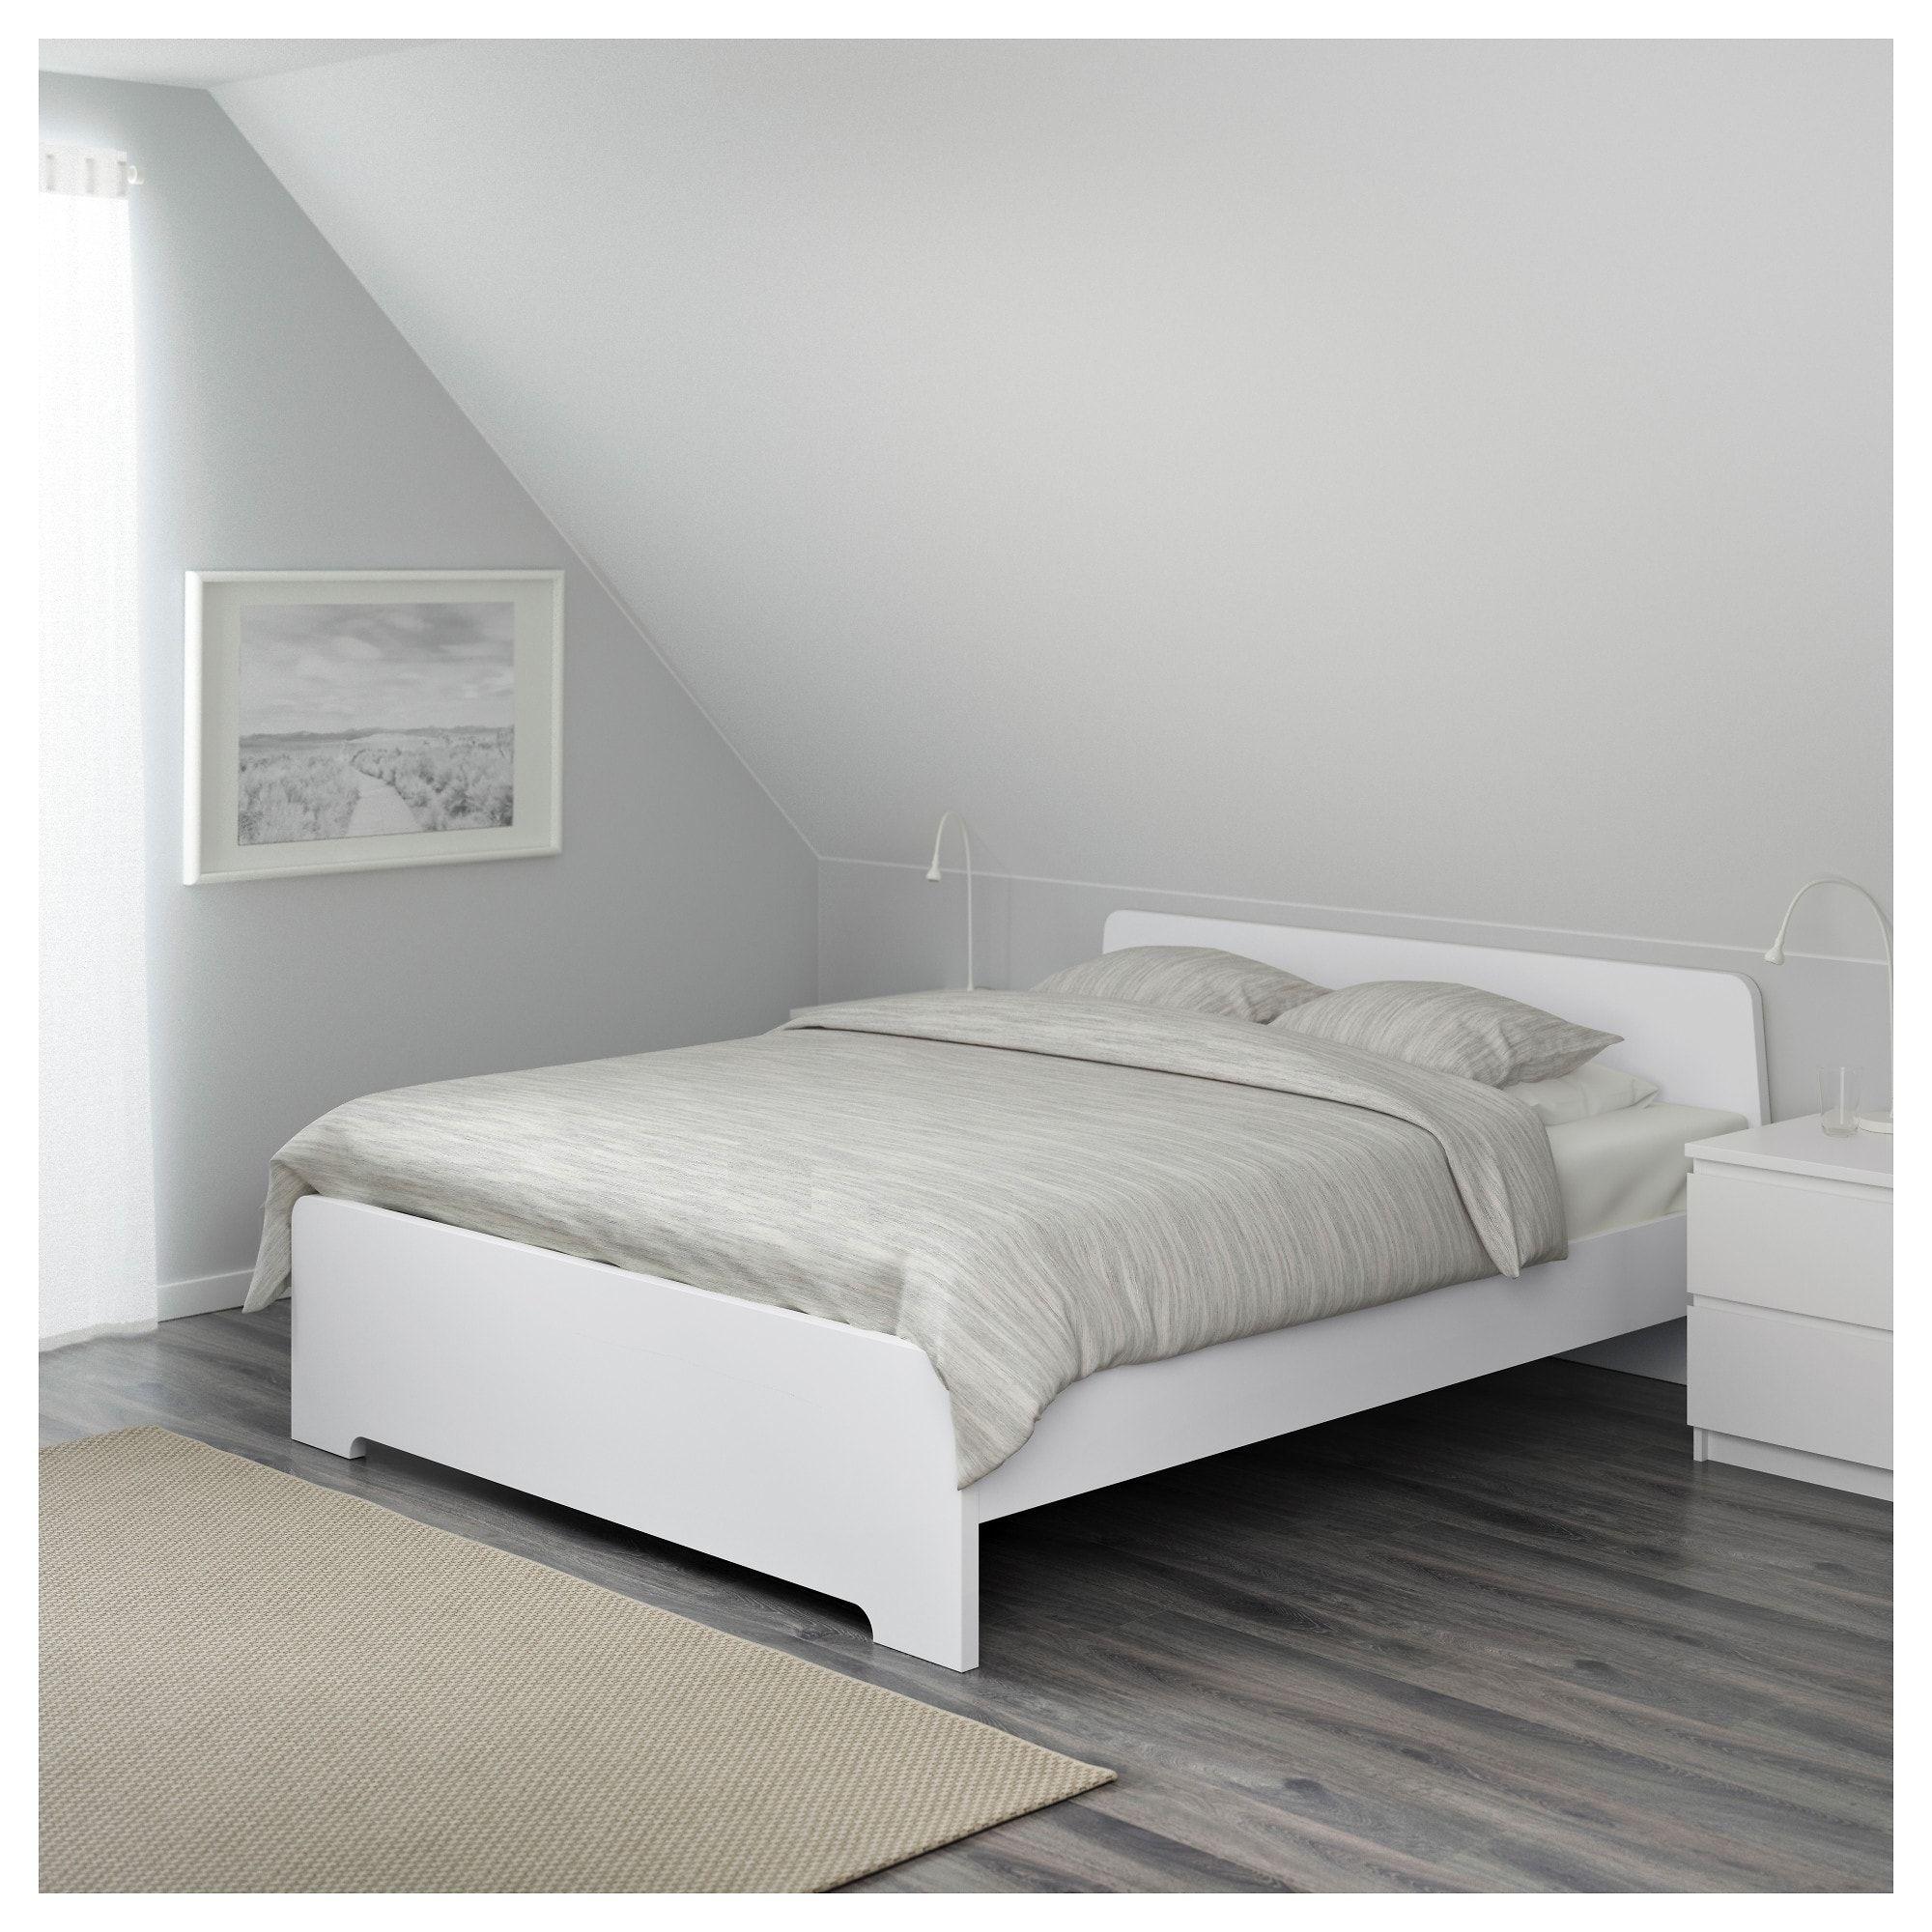 IKEA ASKVOLL White, Luröy Bed frame Bed frame, Full bed